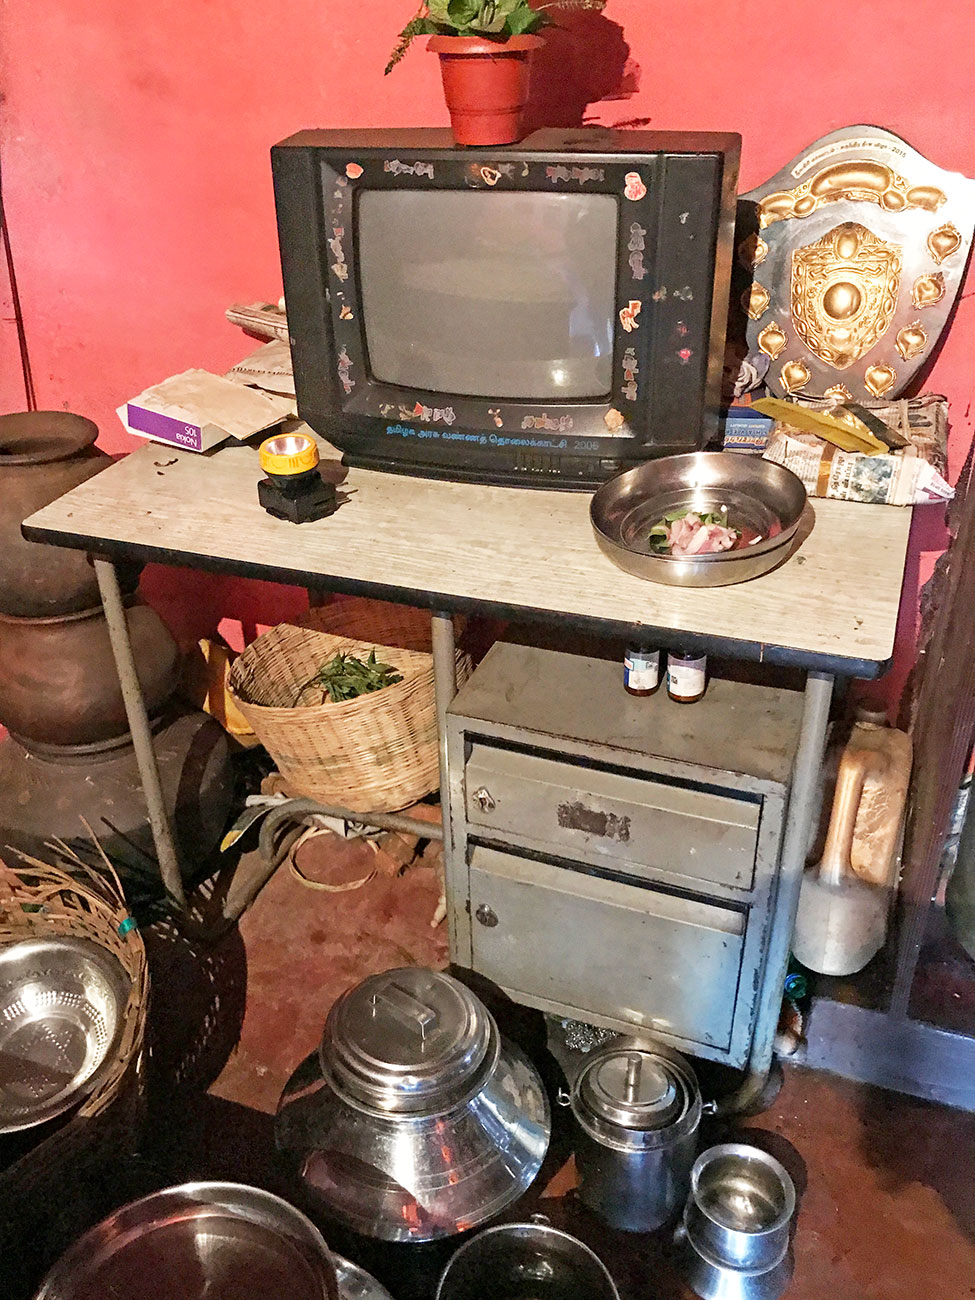 トダ族の一般家庭、テレビ